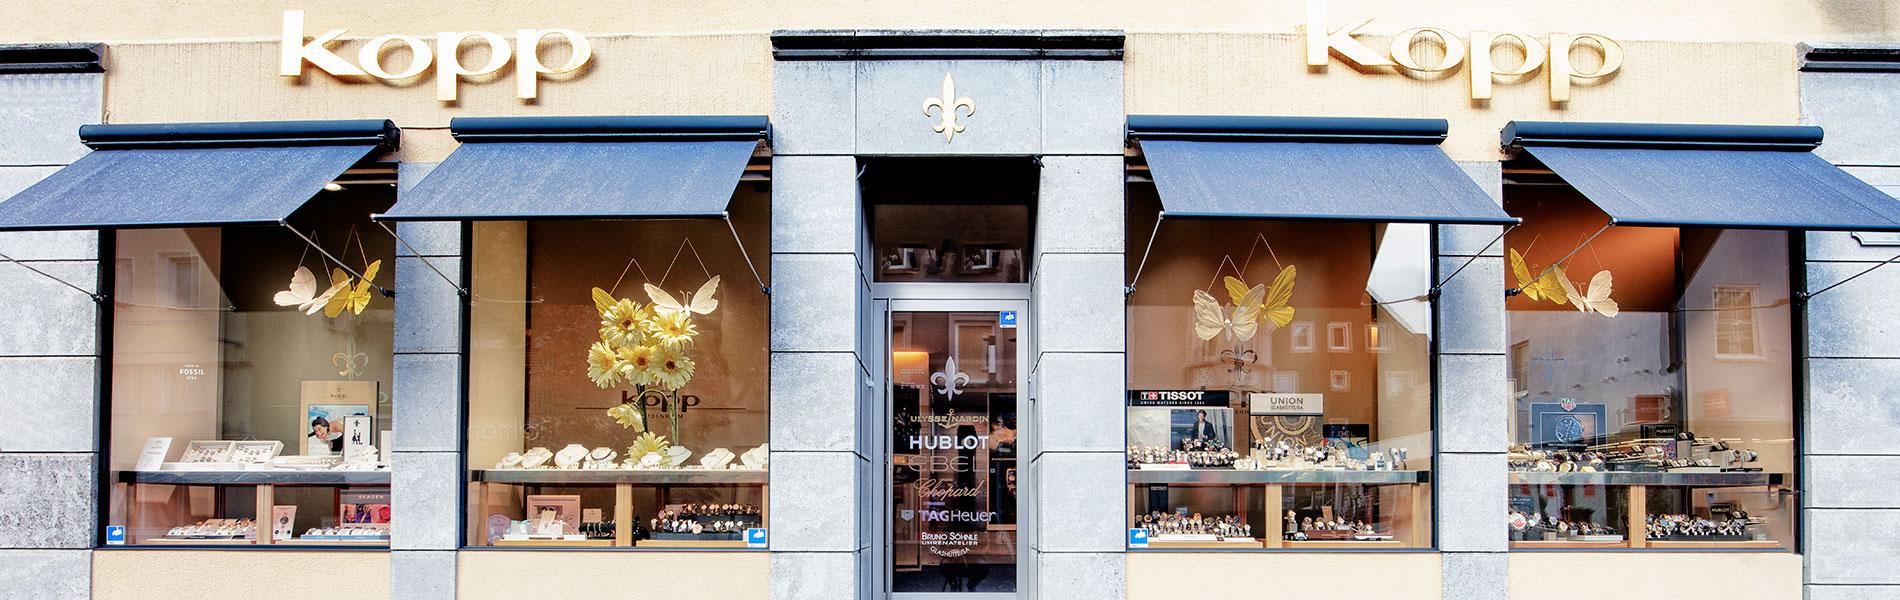 Schaufenster des Juwelier Kopp in Heidenheim mit Uhren und Schmuck